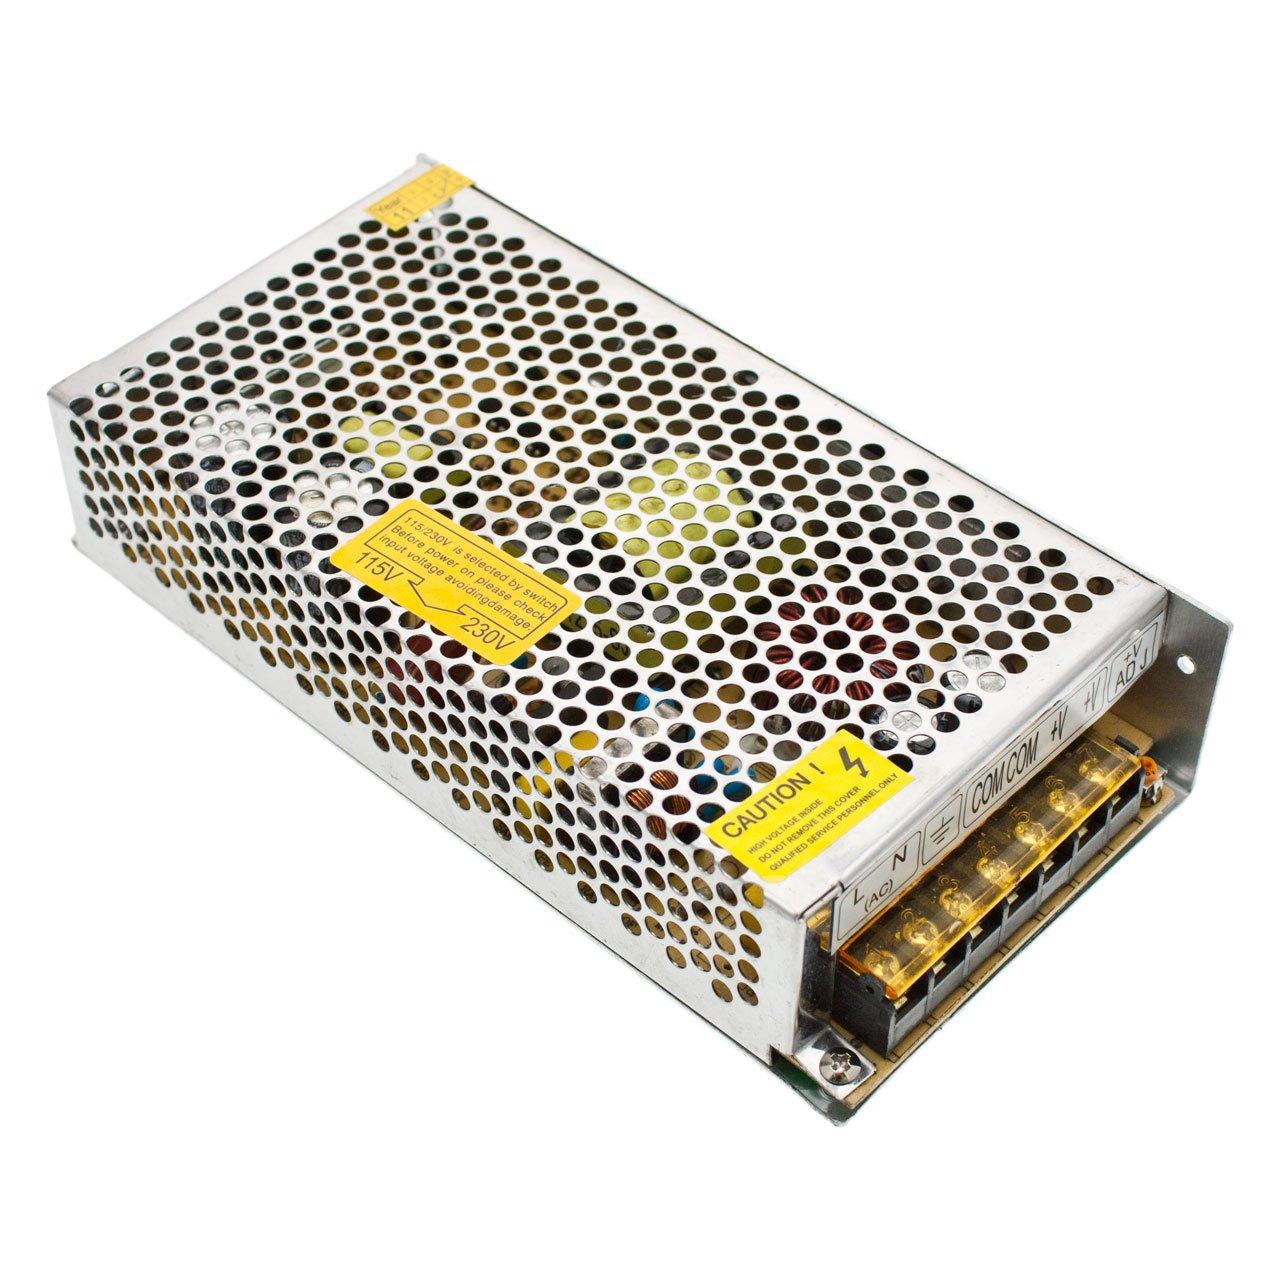 LuminalPark Alimentatore tensione costante, 150 Watt, 24V, uso interno Lottiimportex